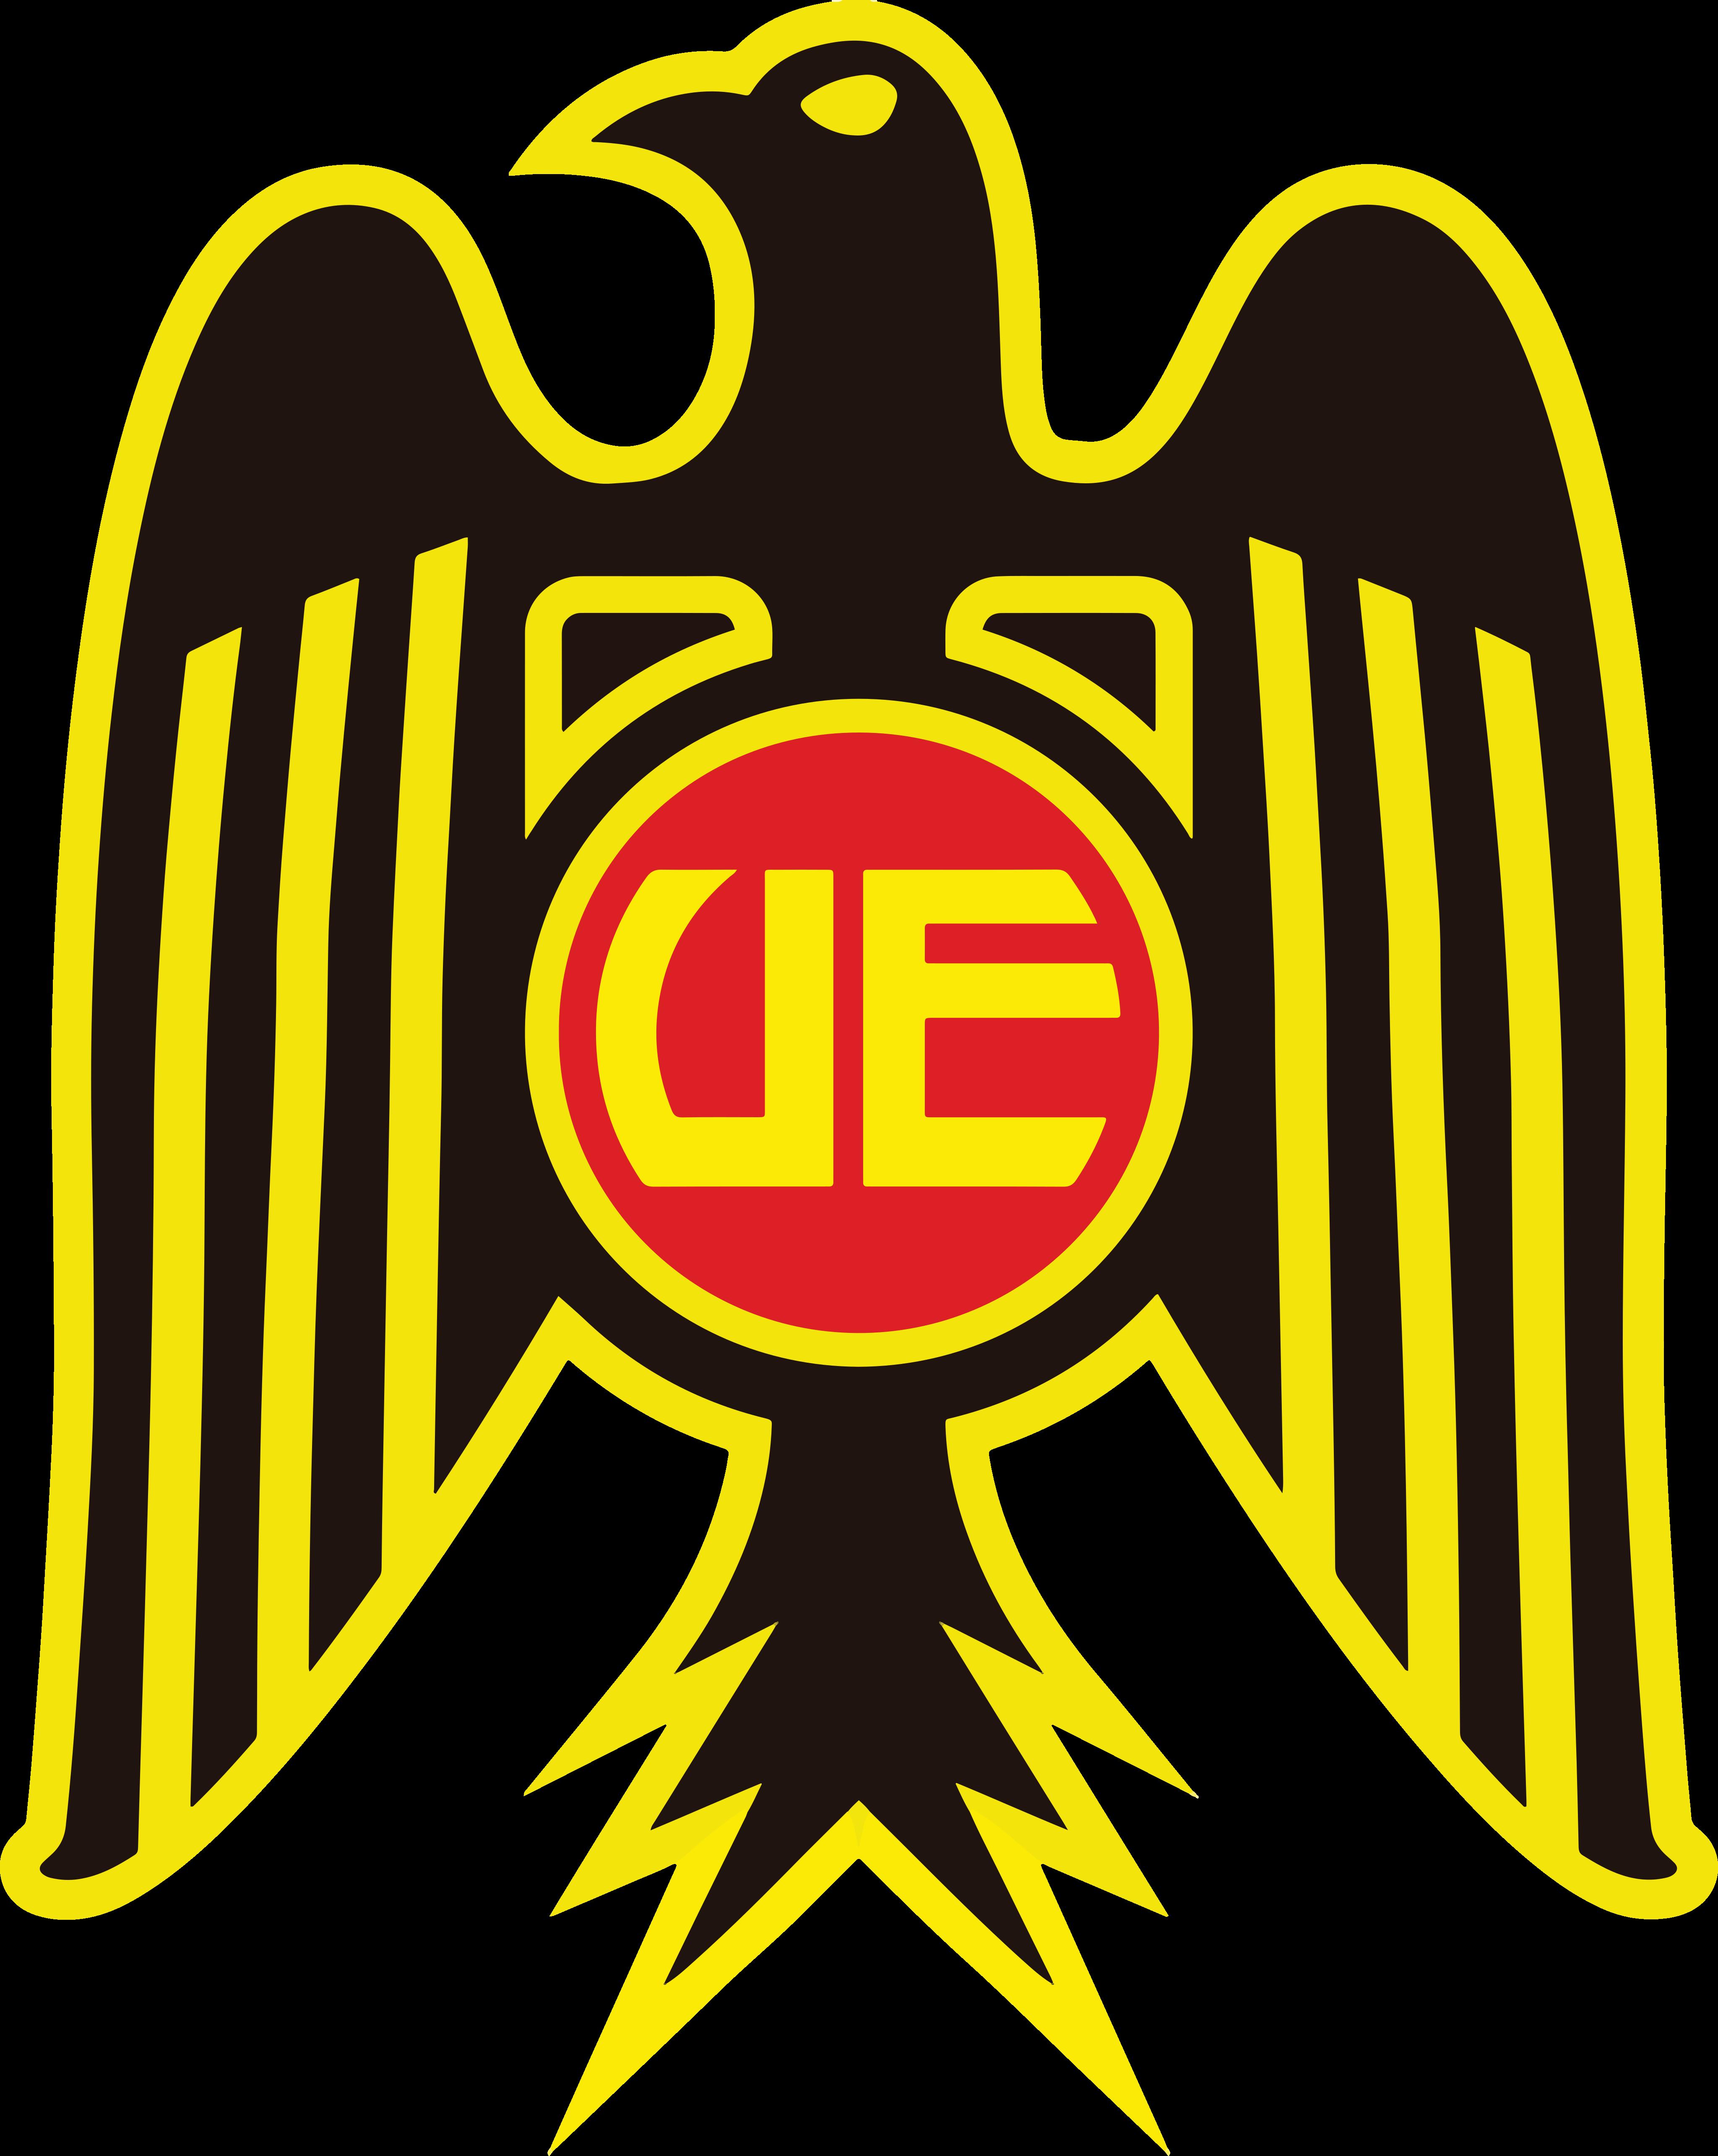 union espanola logo - Unión Española Logo